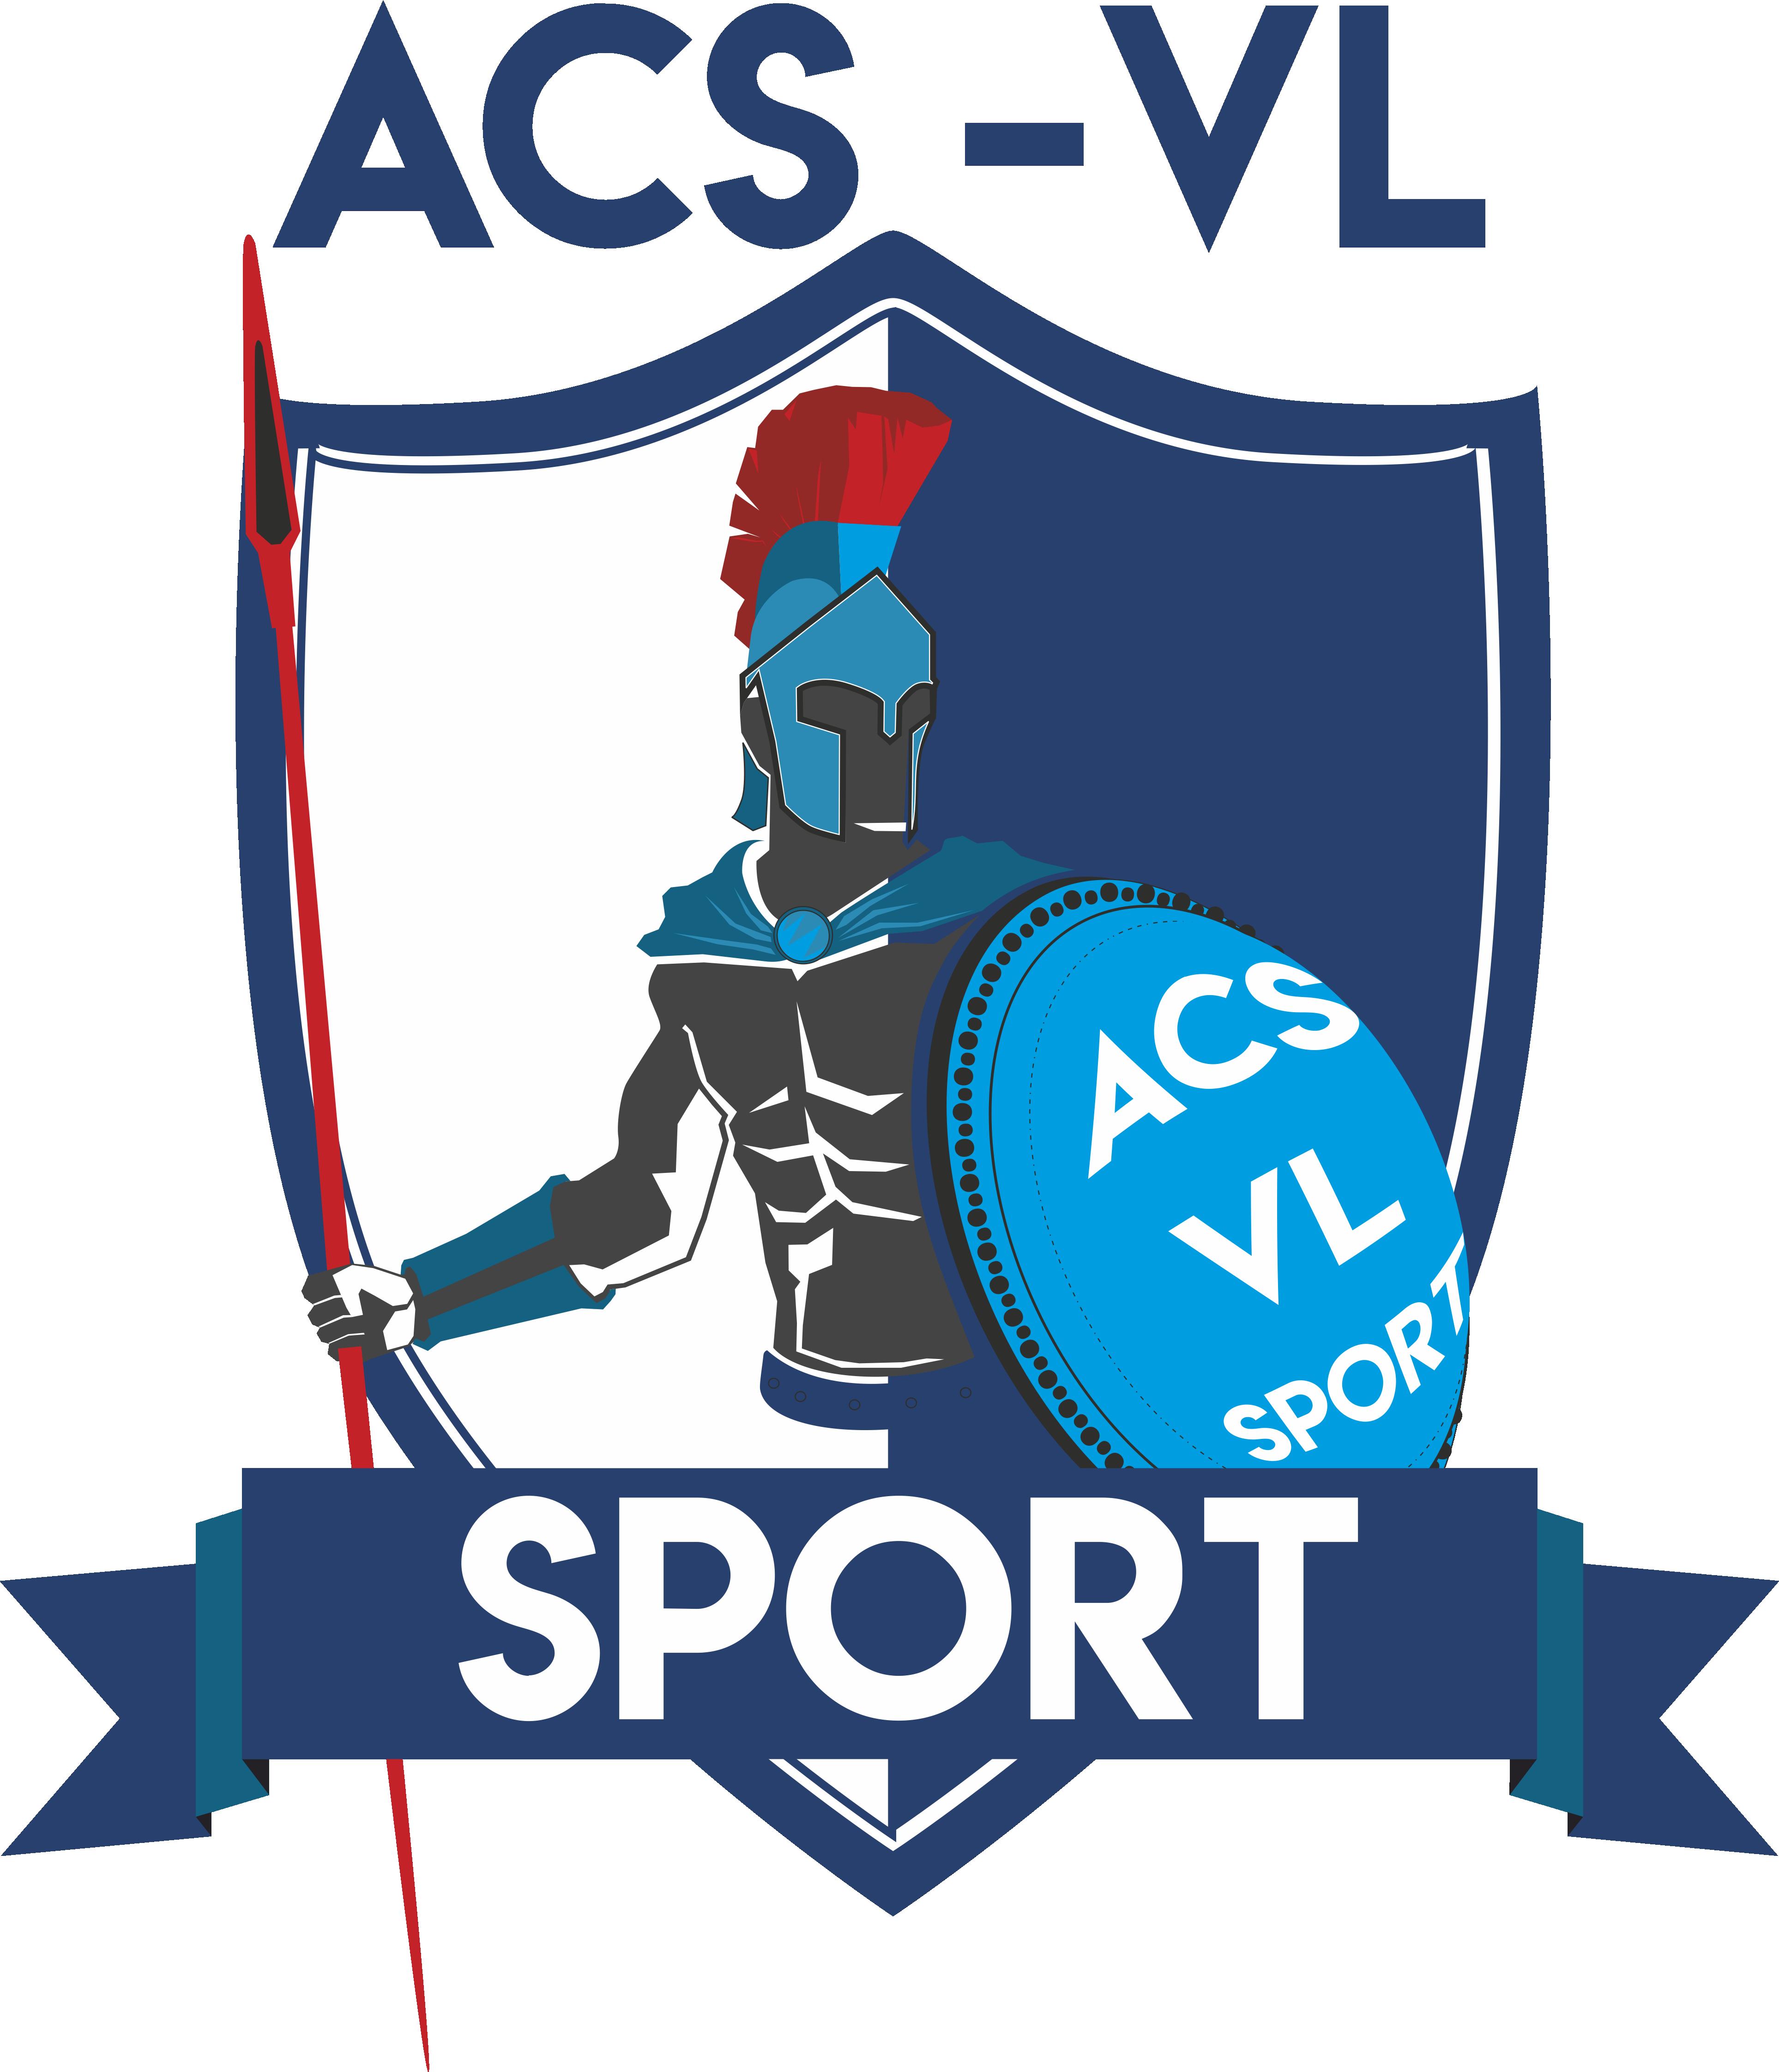 A.C.S. VL SPORT